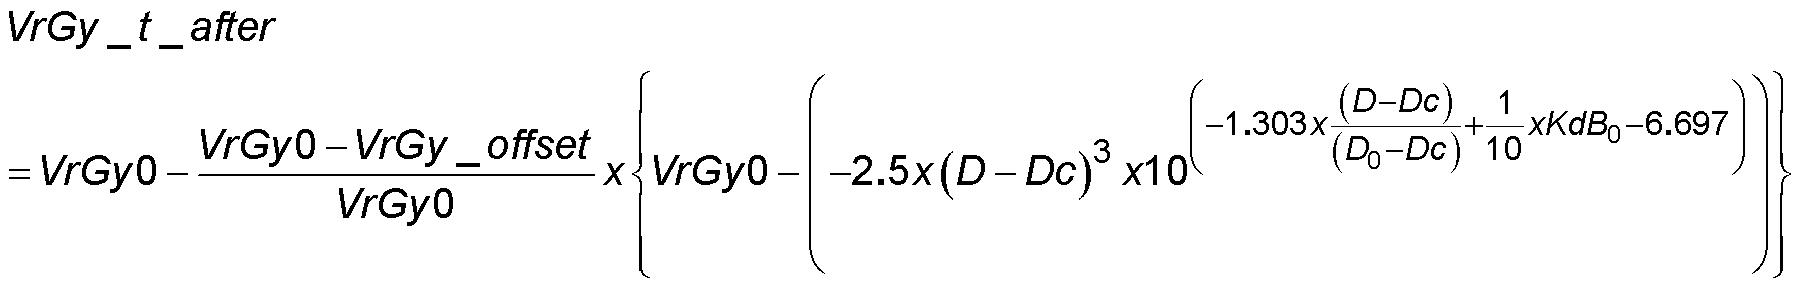 Figure DE102009034931B4_0009